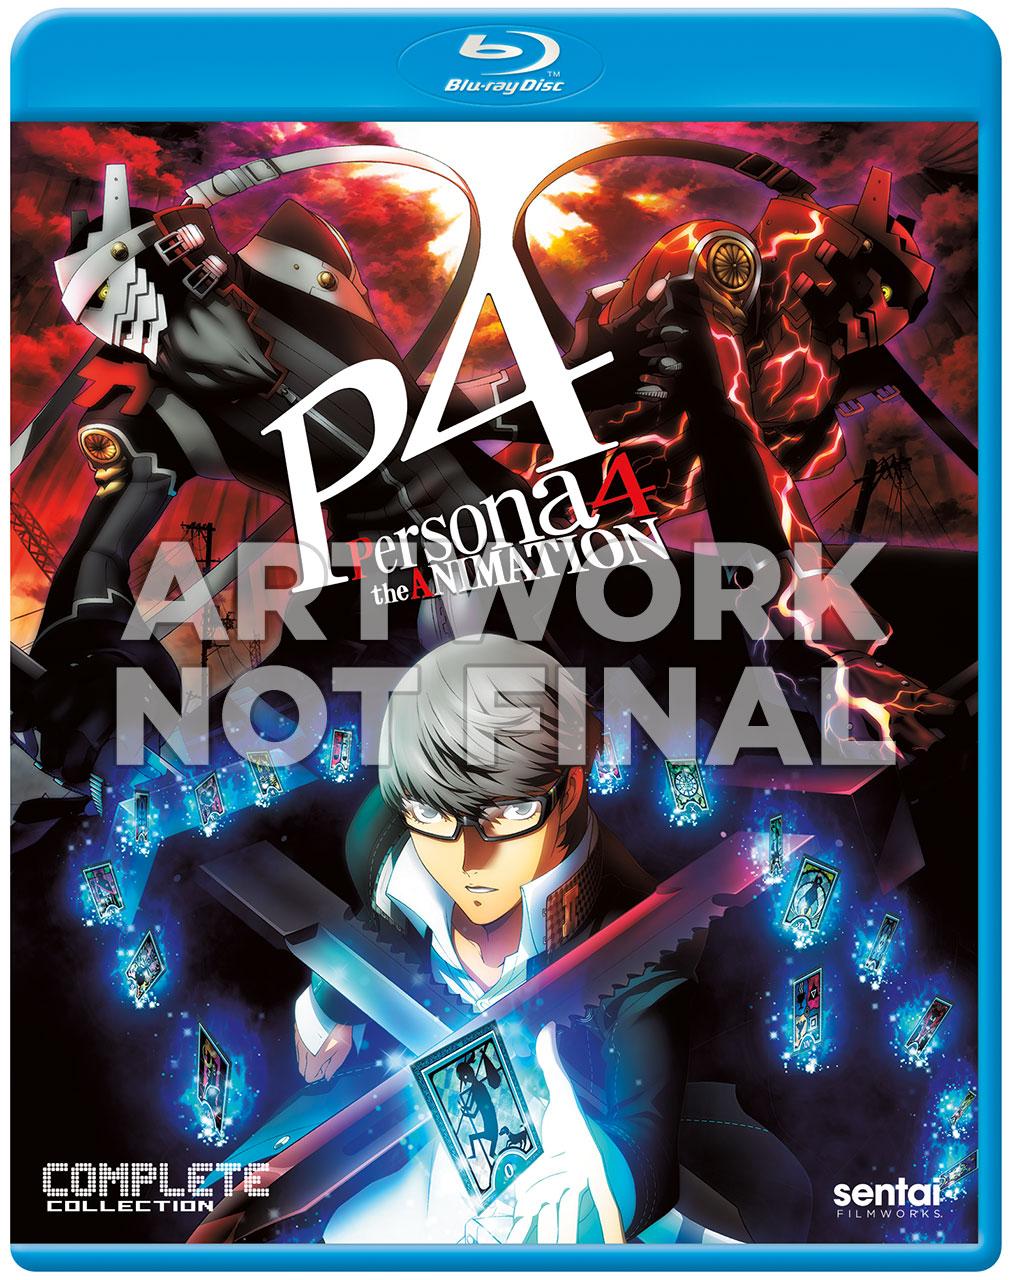 Persona 4 Anime